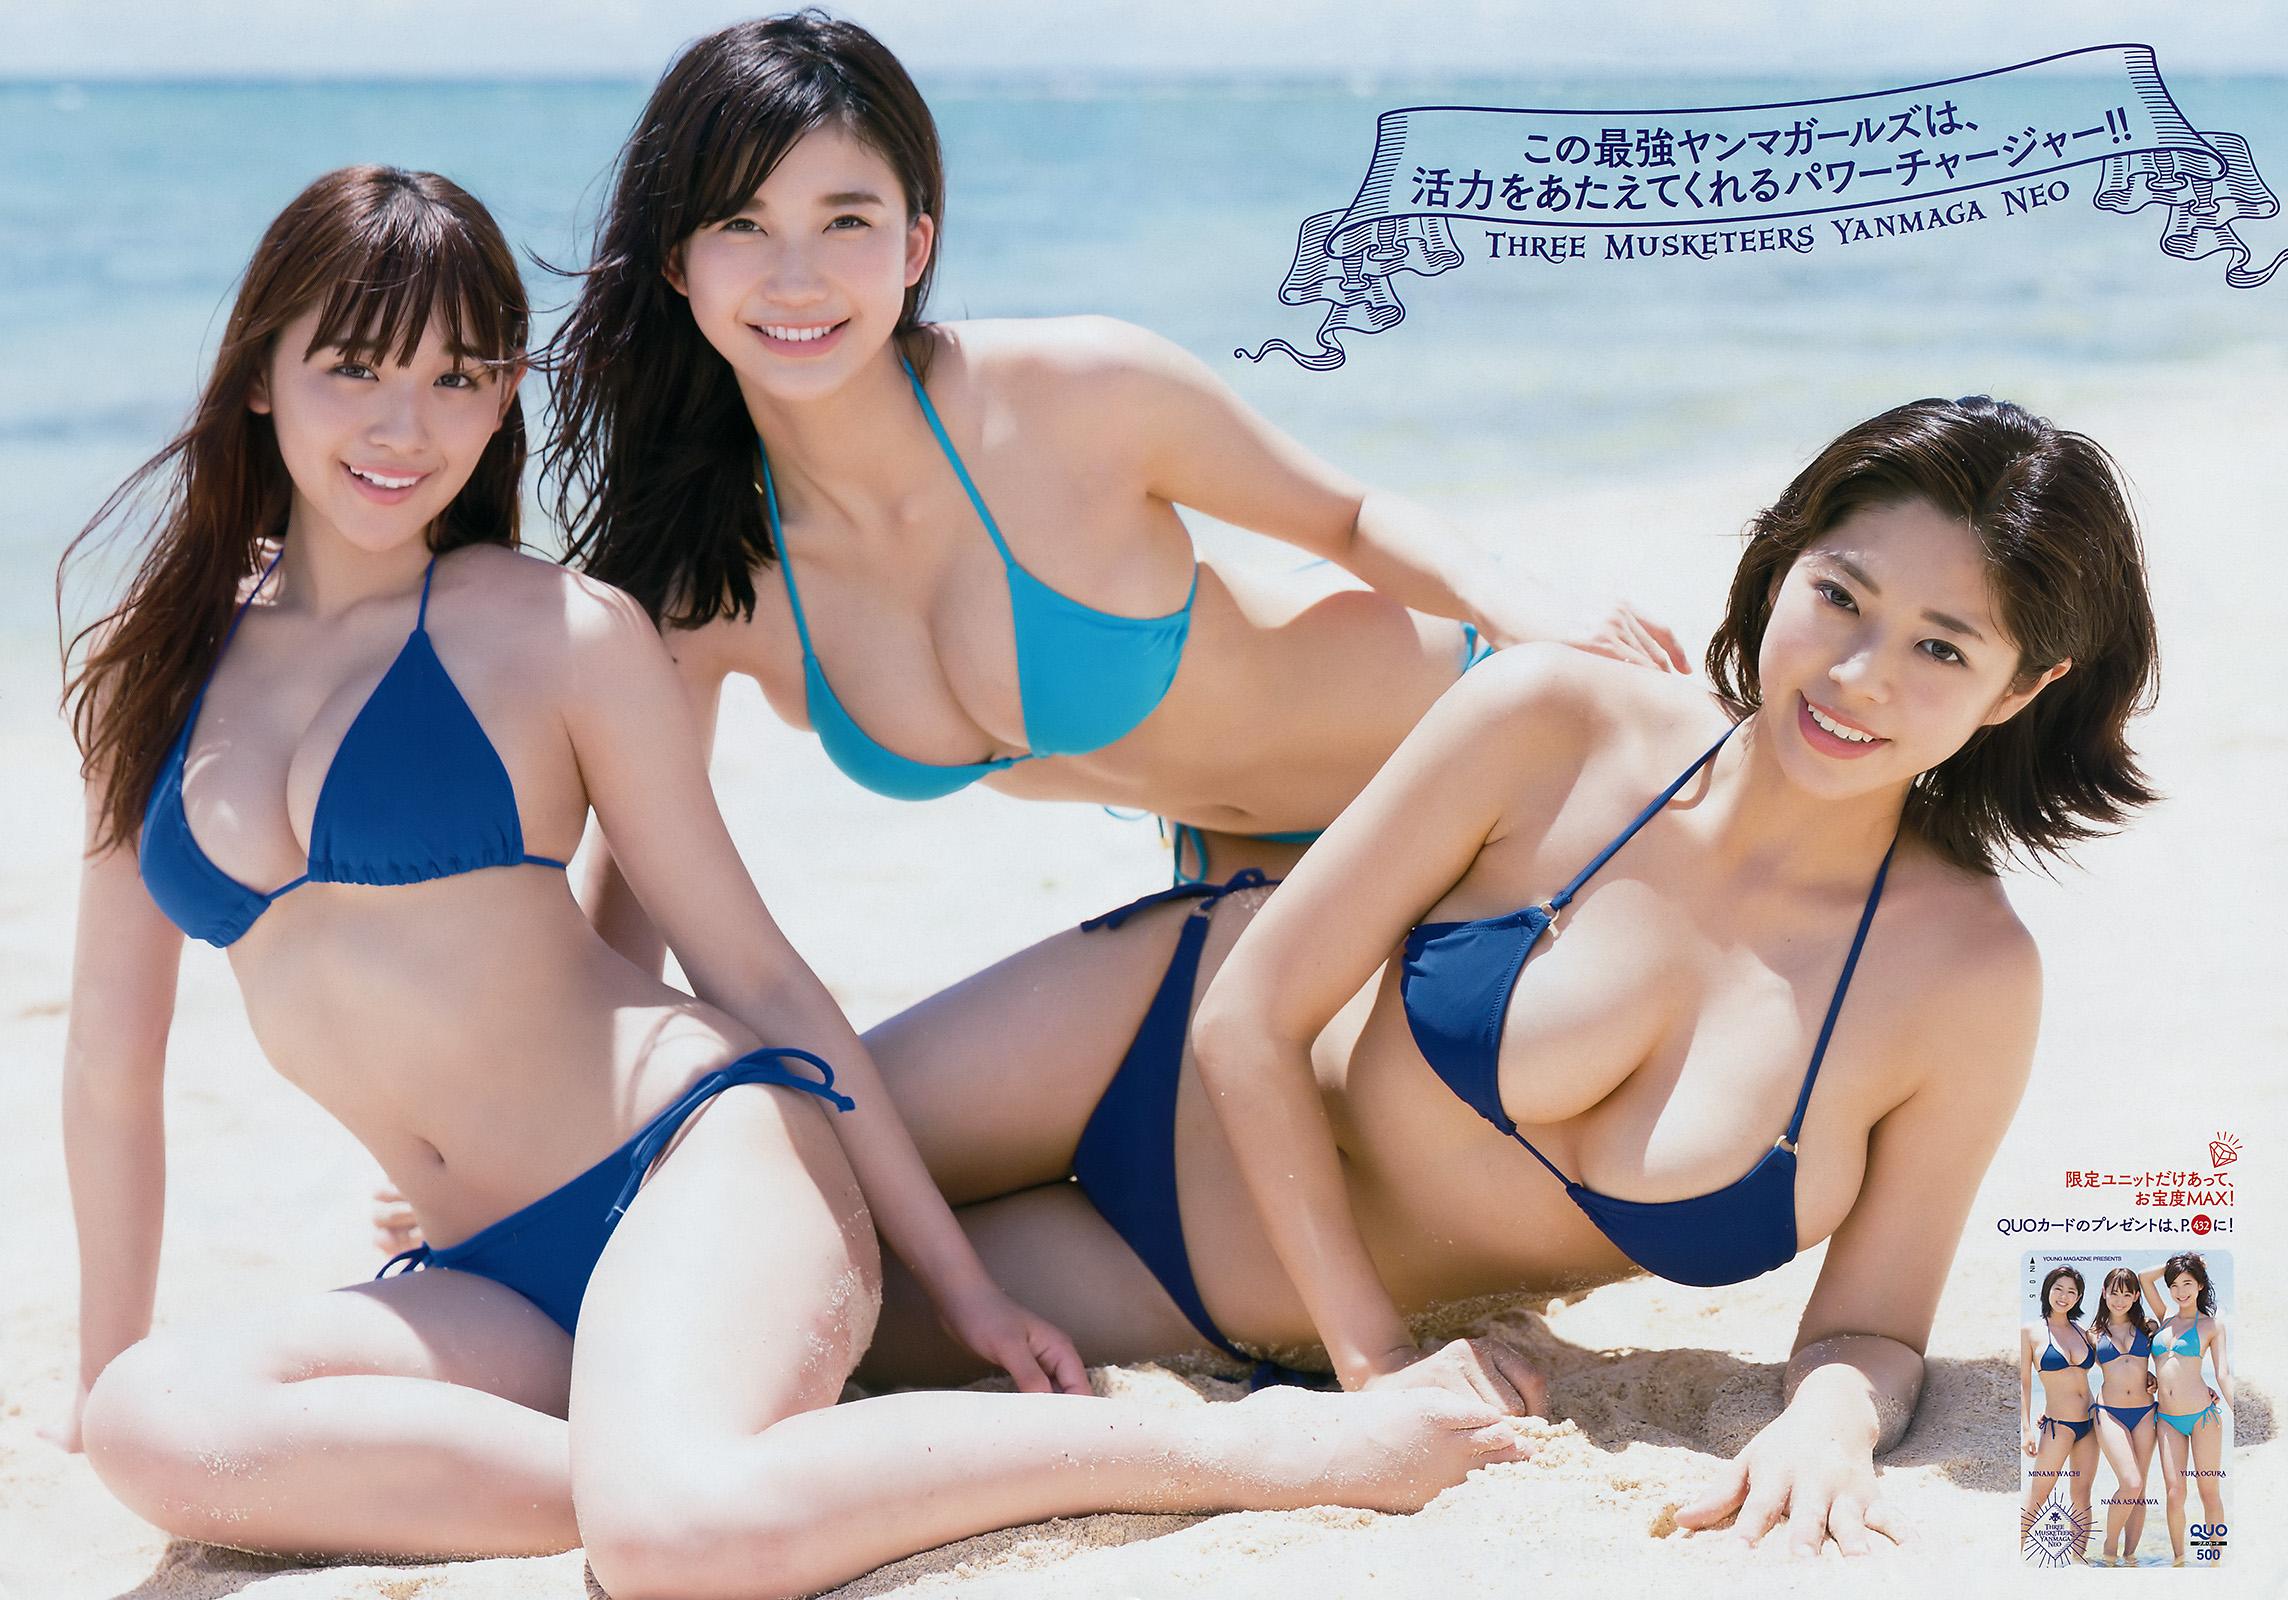 02-jpg [Young Magazine] 2017 No.35 Ogura Yuka  Wachi Minami   Nana Asakawa  MIYU